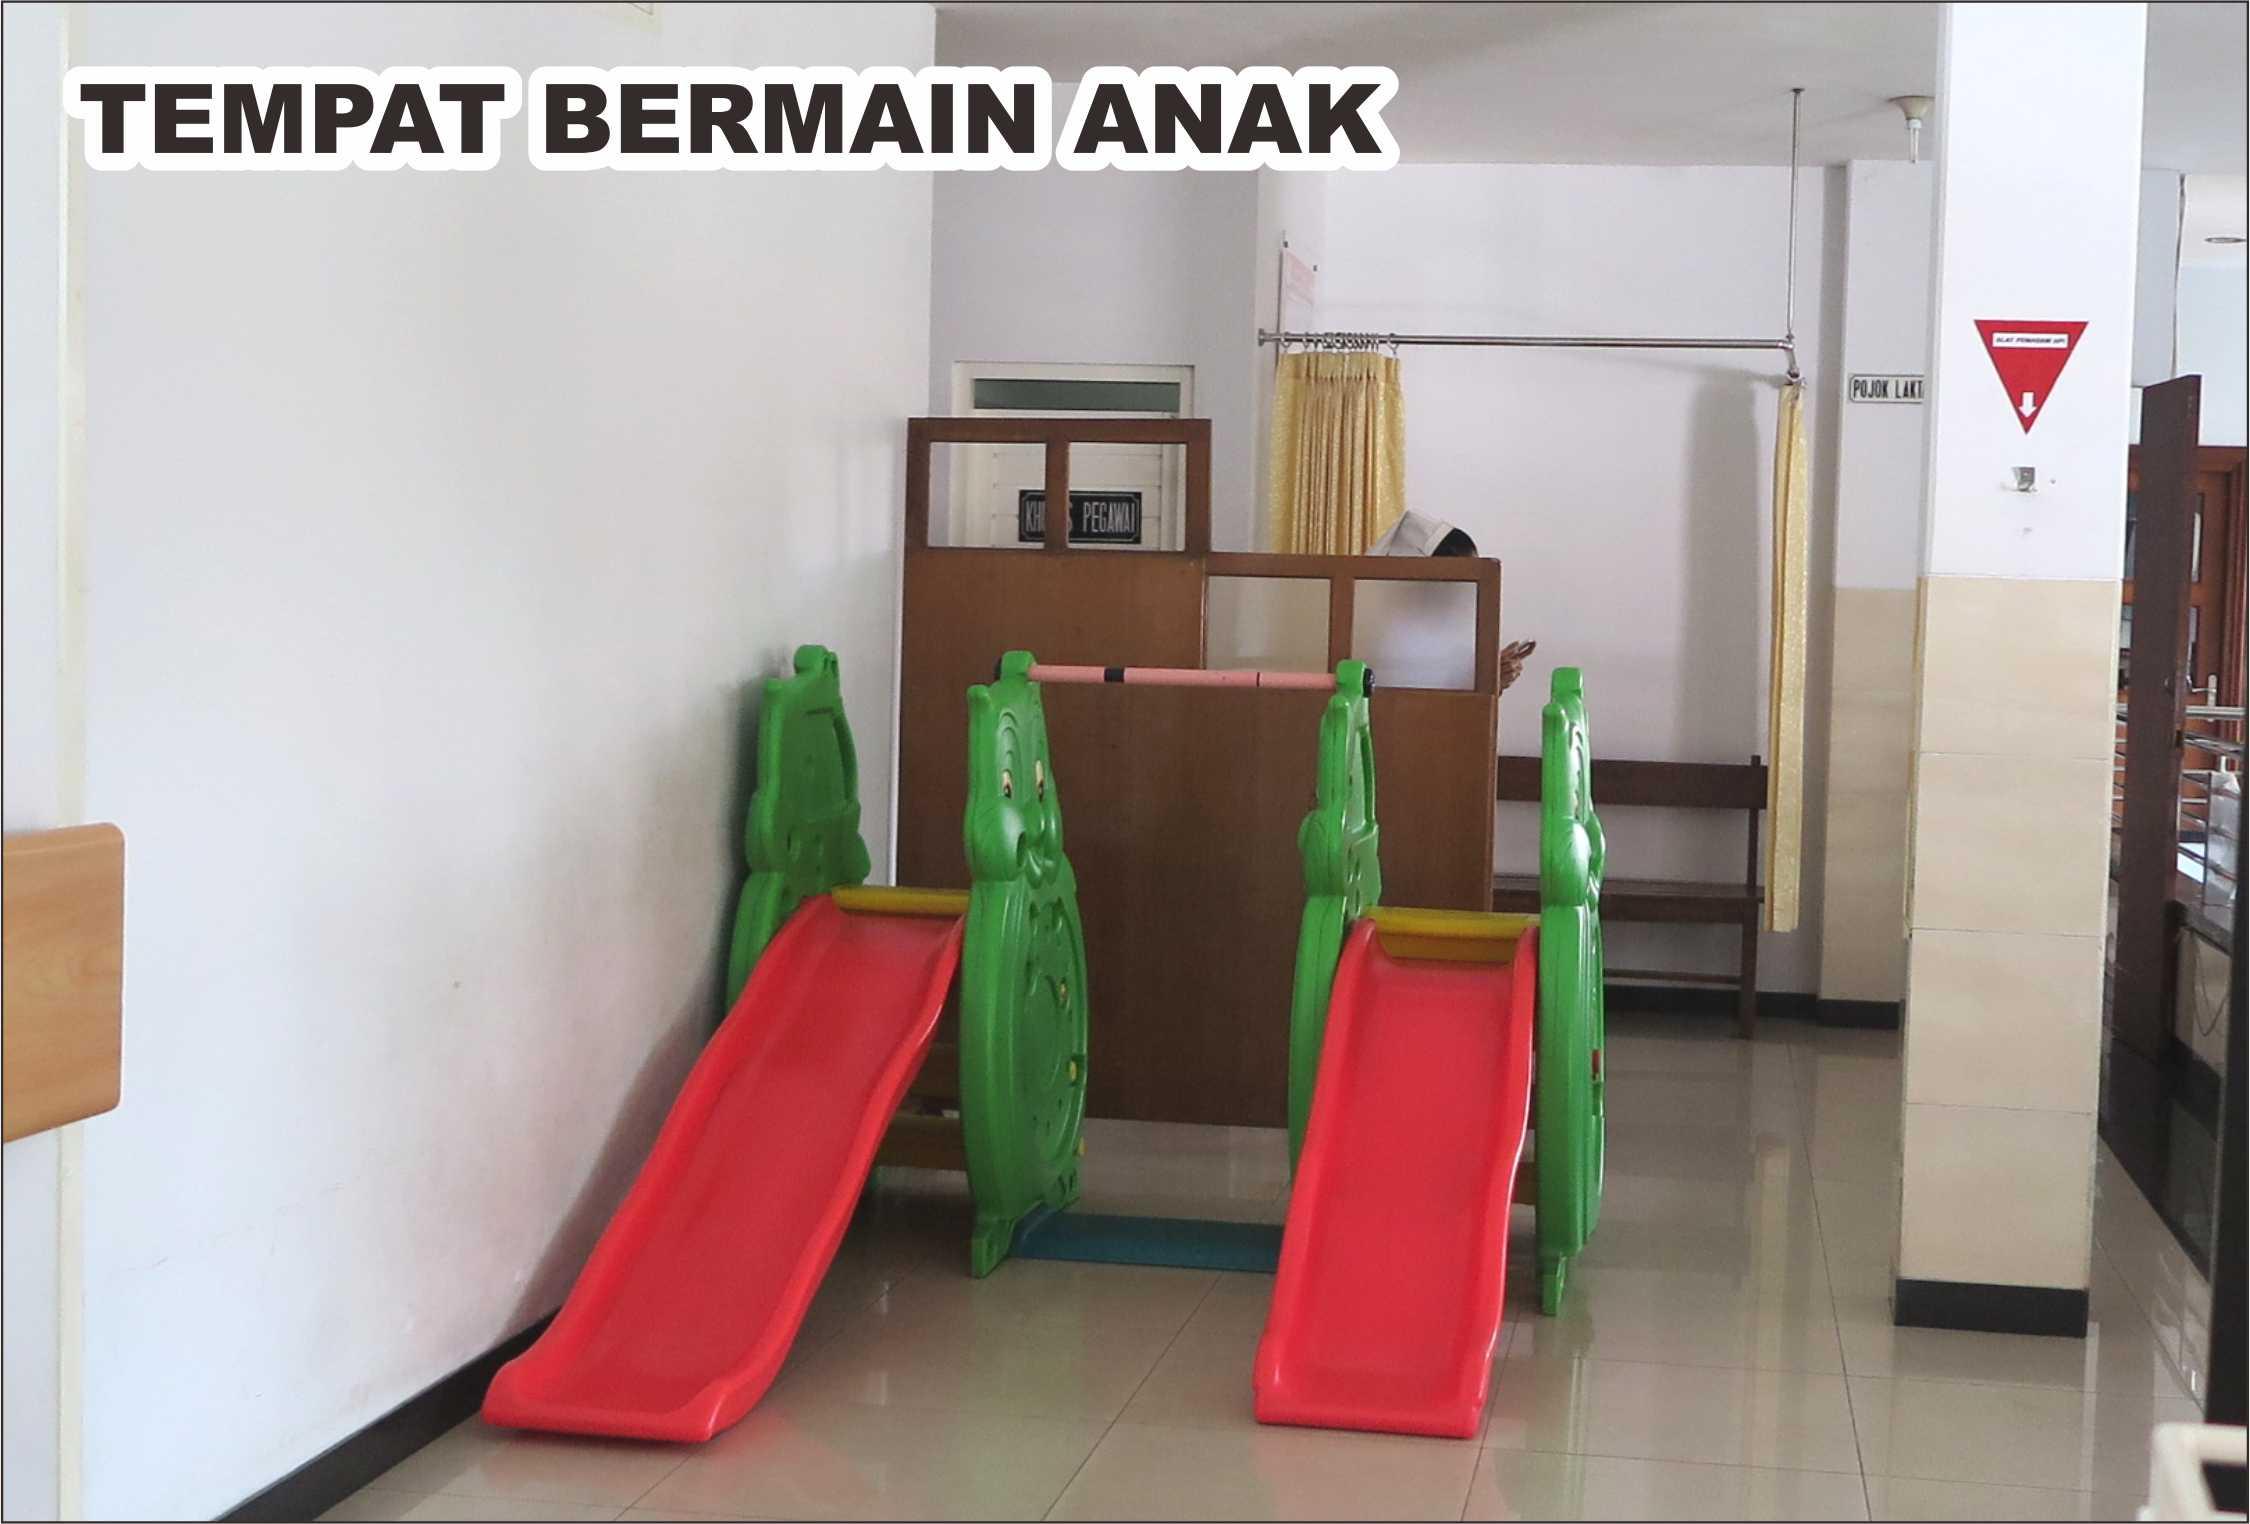 Ruangan Tempat Bermain Anak